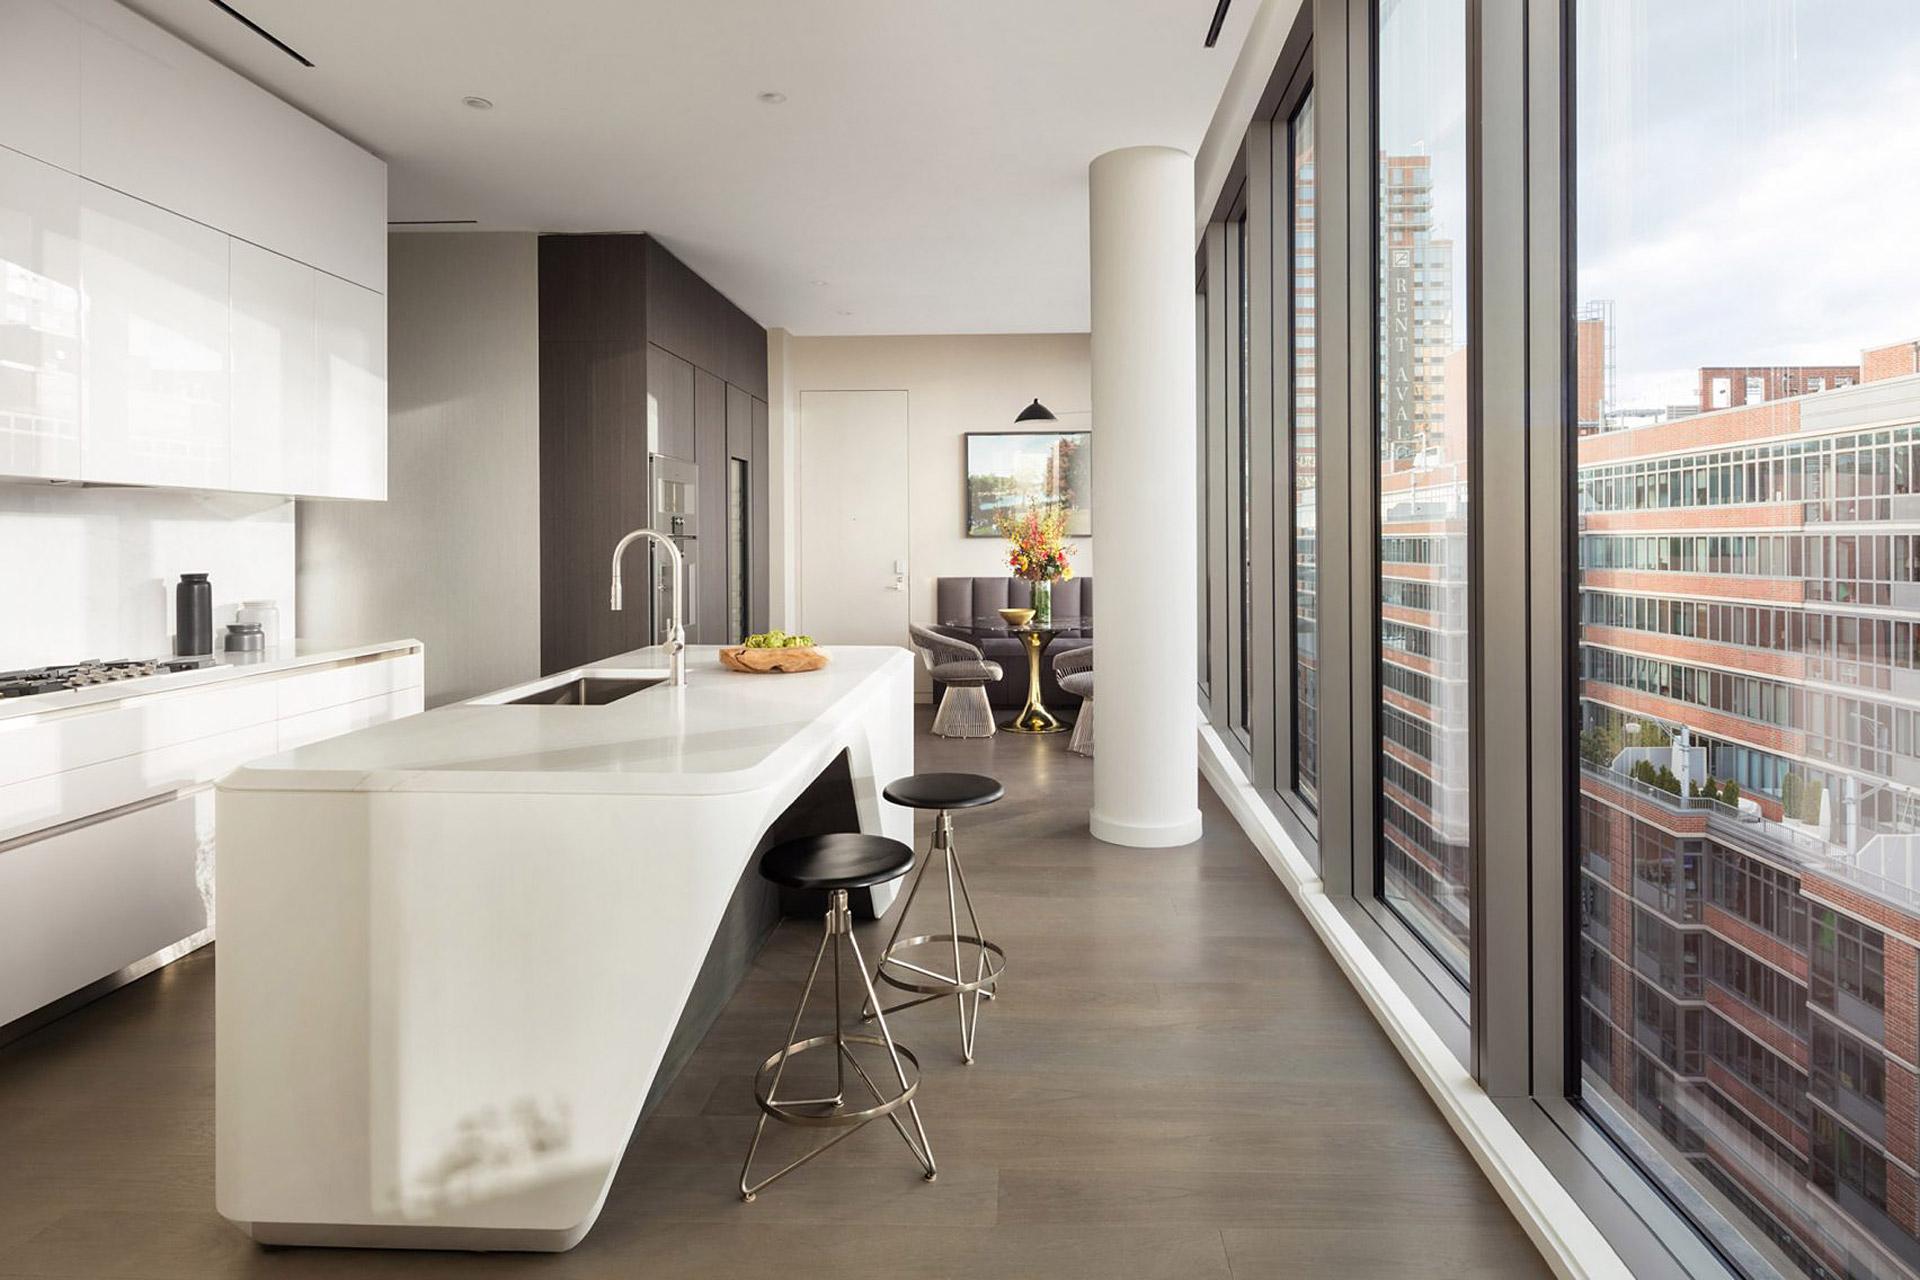 Das $48 Millionen Dollar Penthouse in Manhattan von Zaha Hadid 4